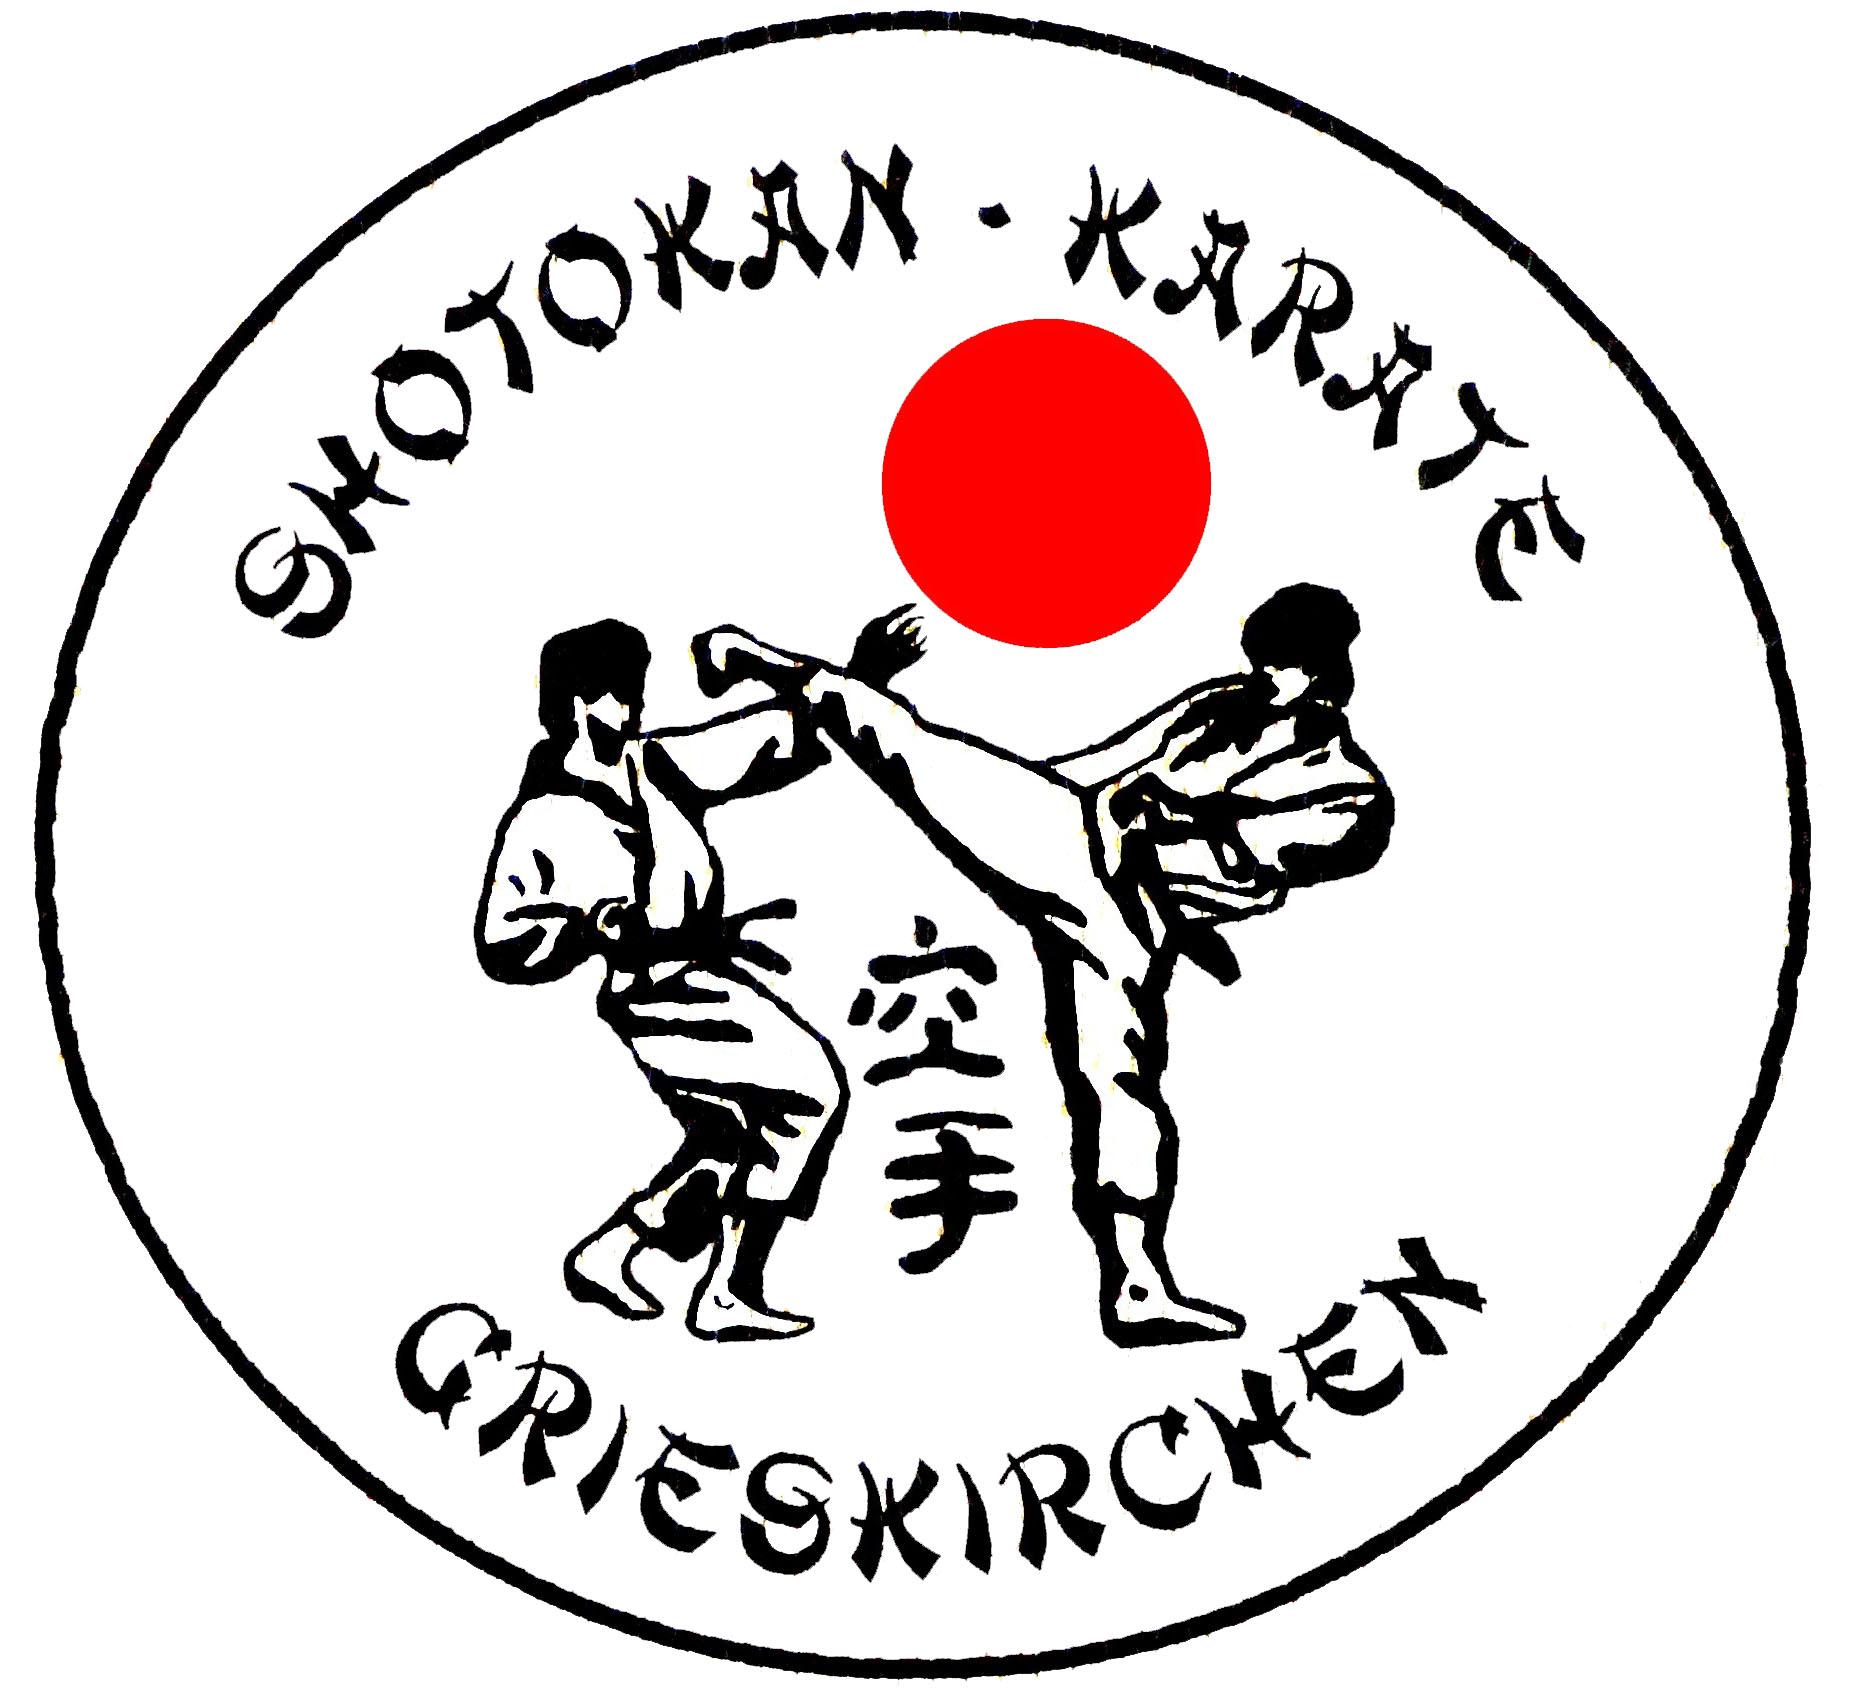 UKC Grieskirchen